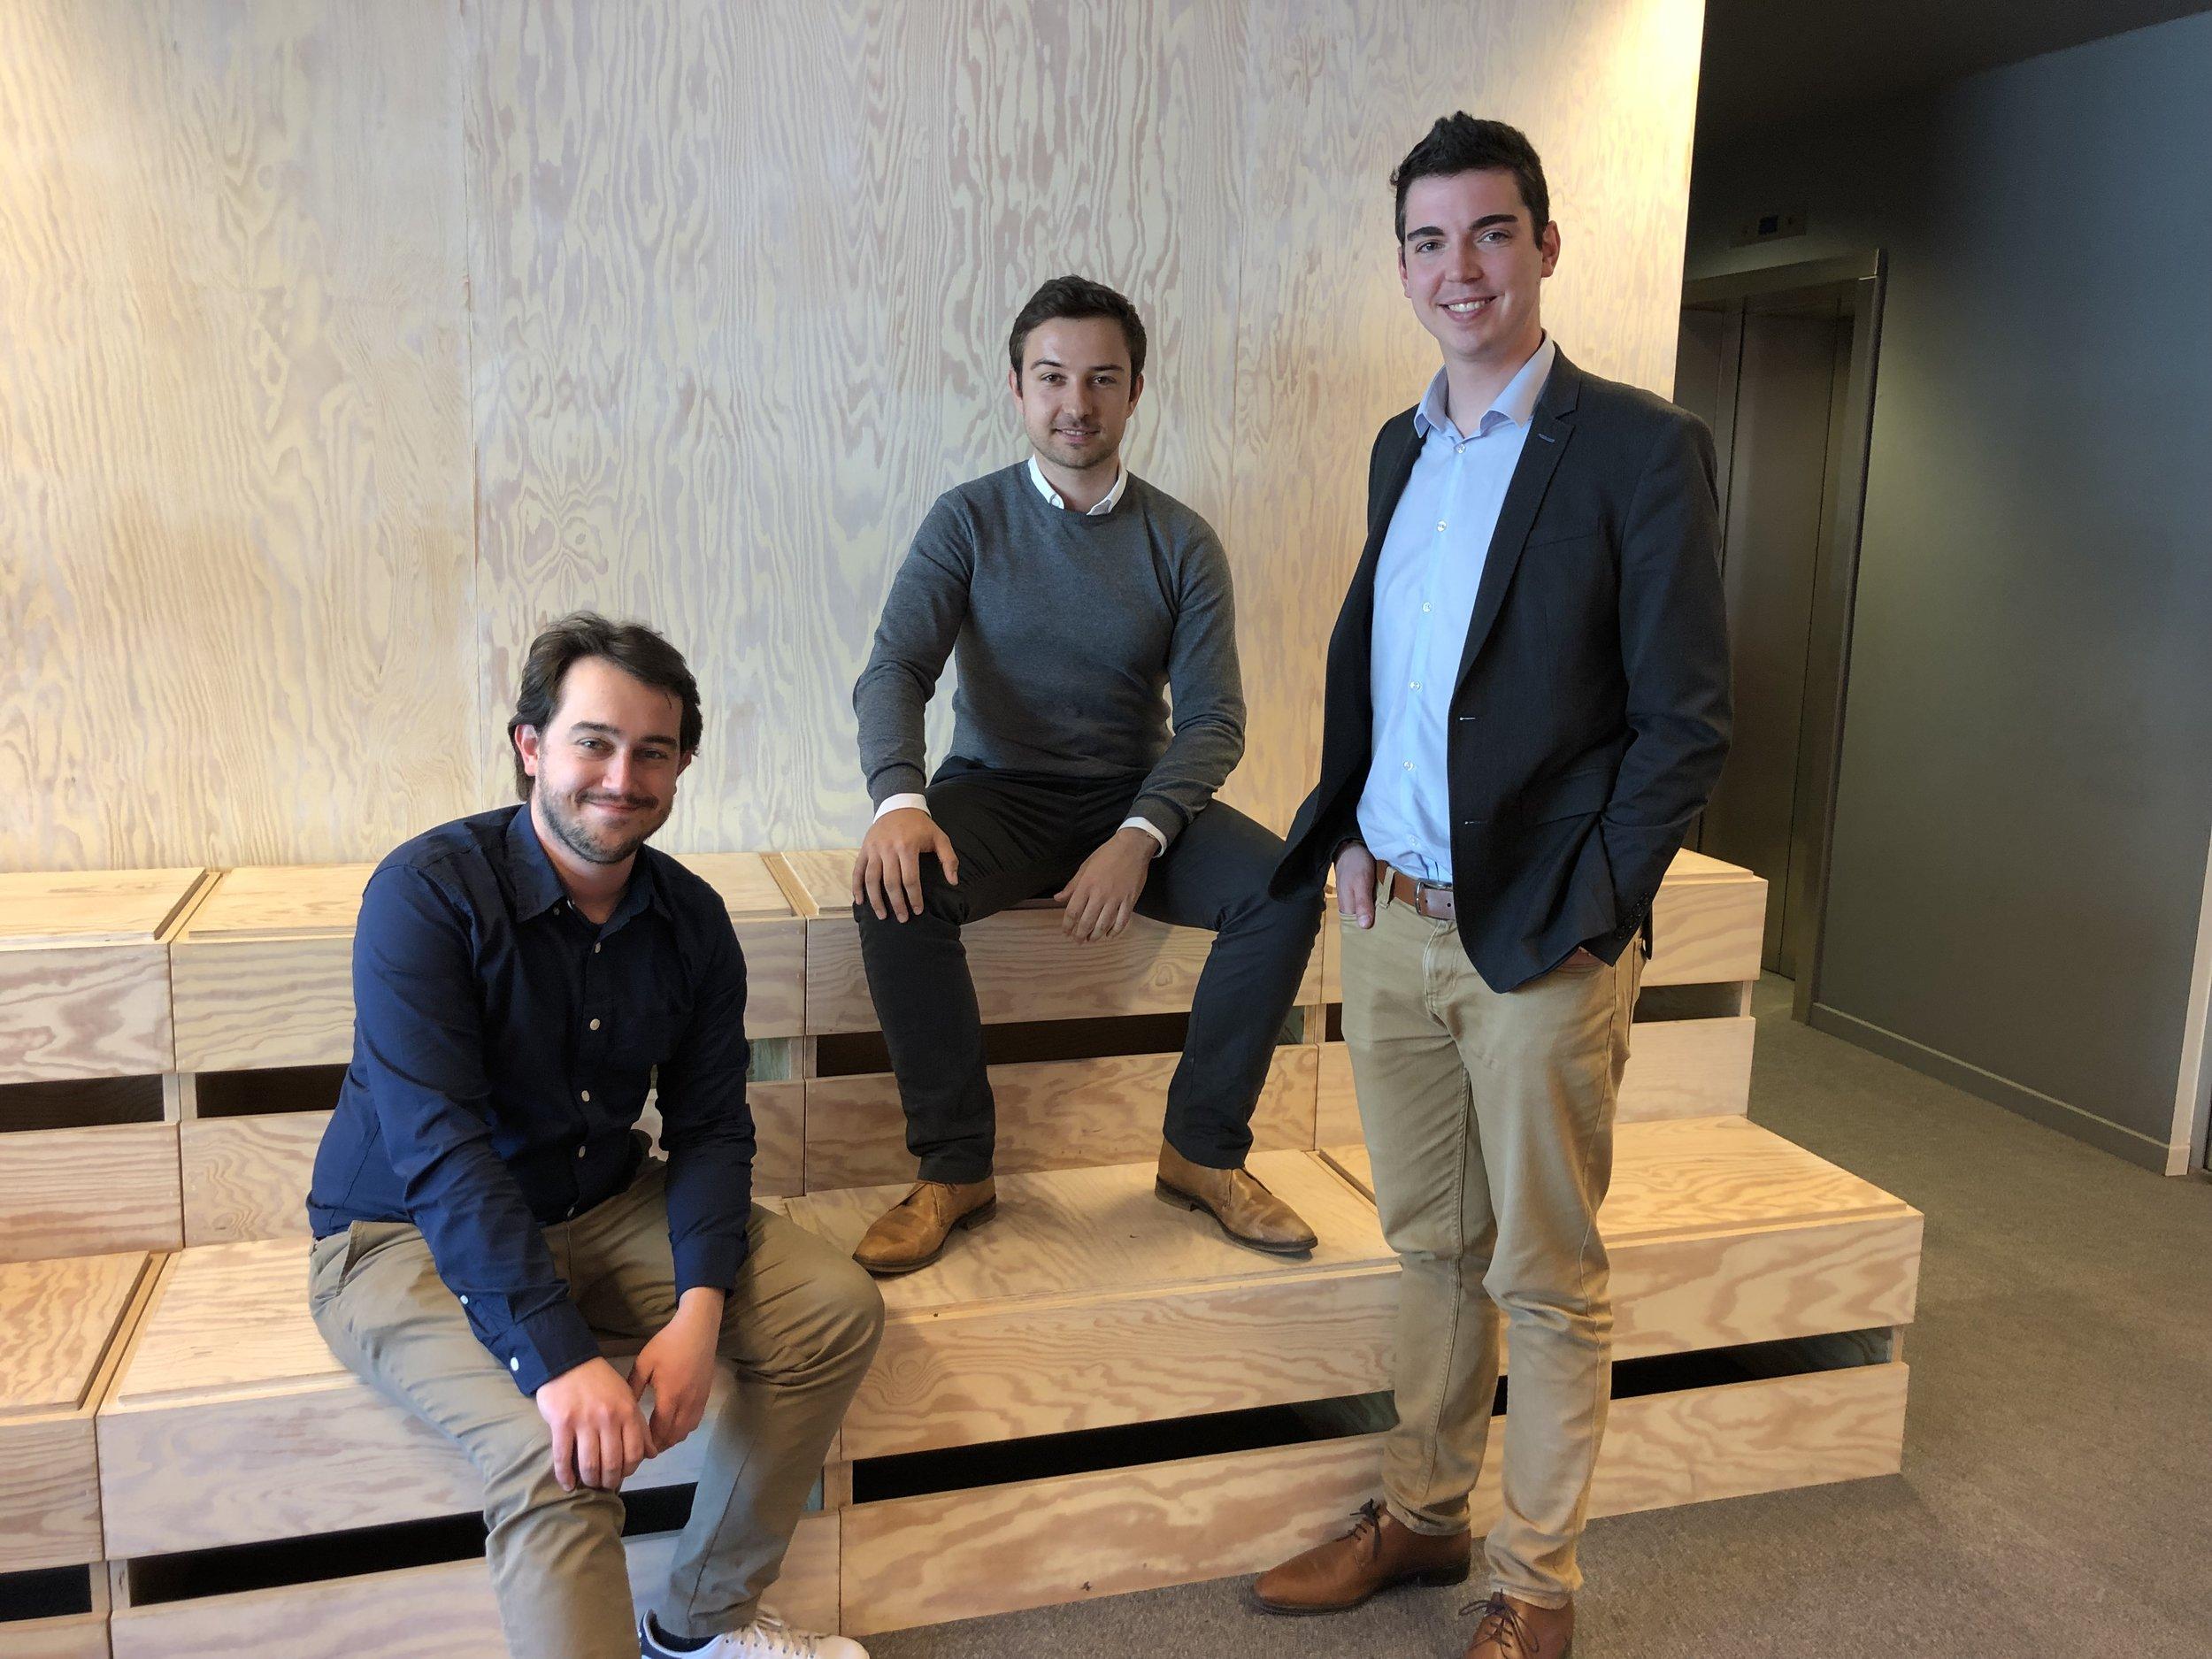 De drie oprichters van Digita. Van links naar rechts: Tom Haegemans, Lauro Vanderborght en Wouter Janssens.